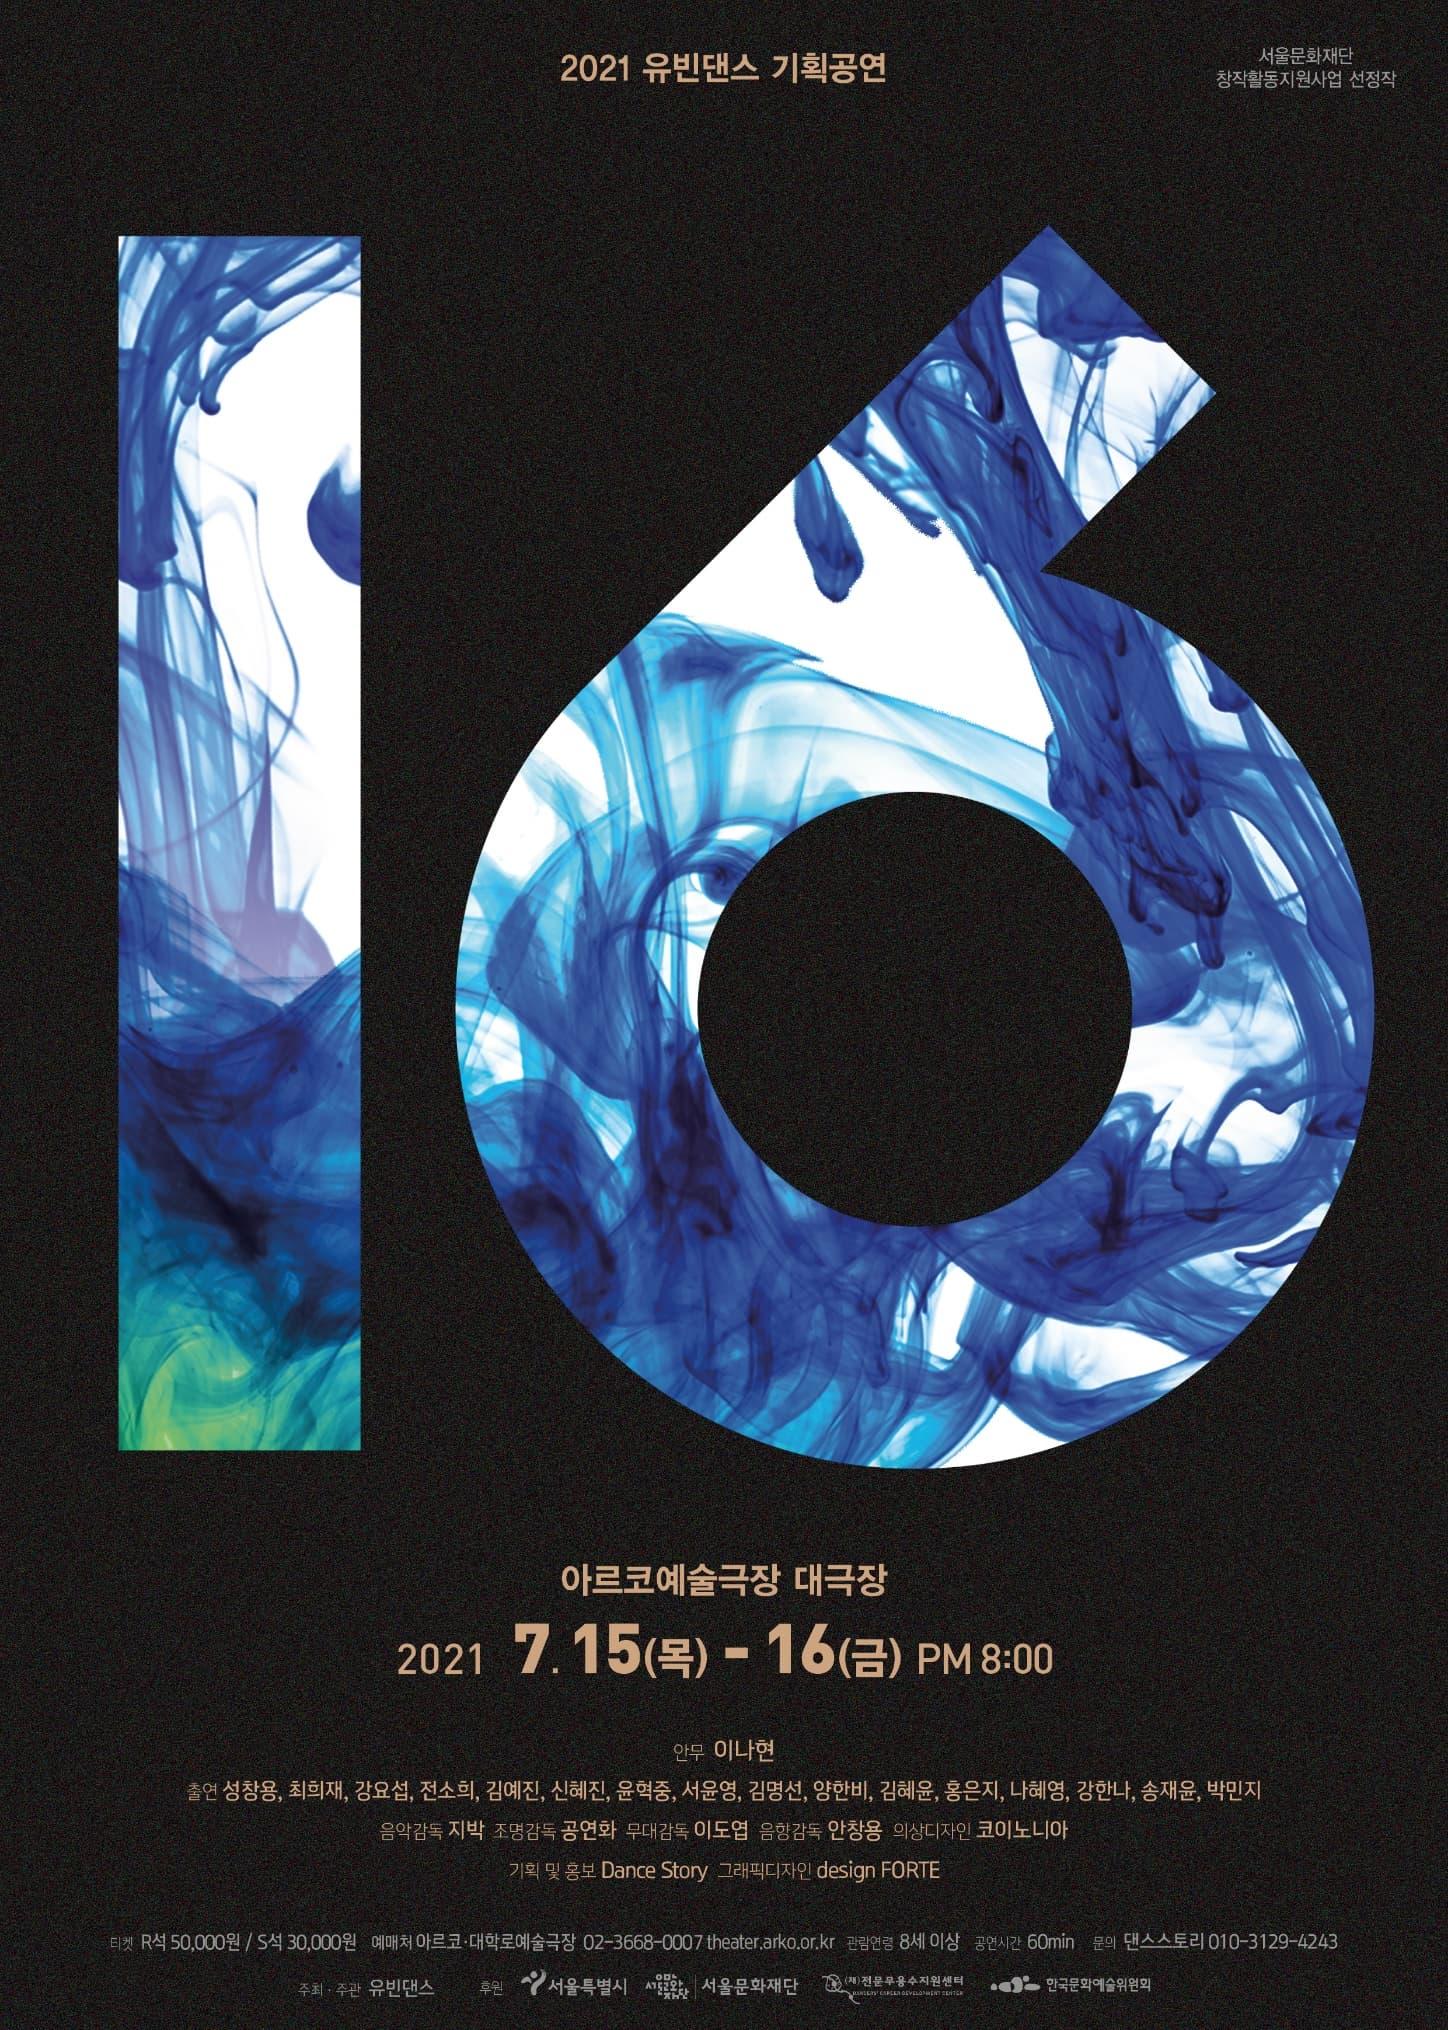 2021 유빈댄스 기획공연 <16>